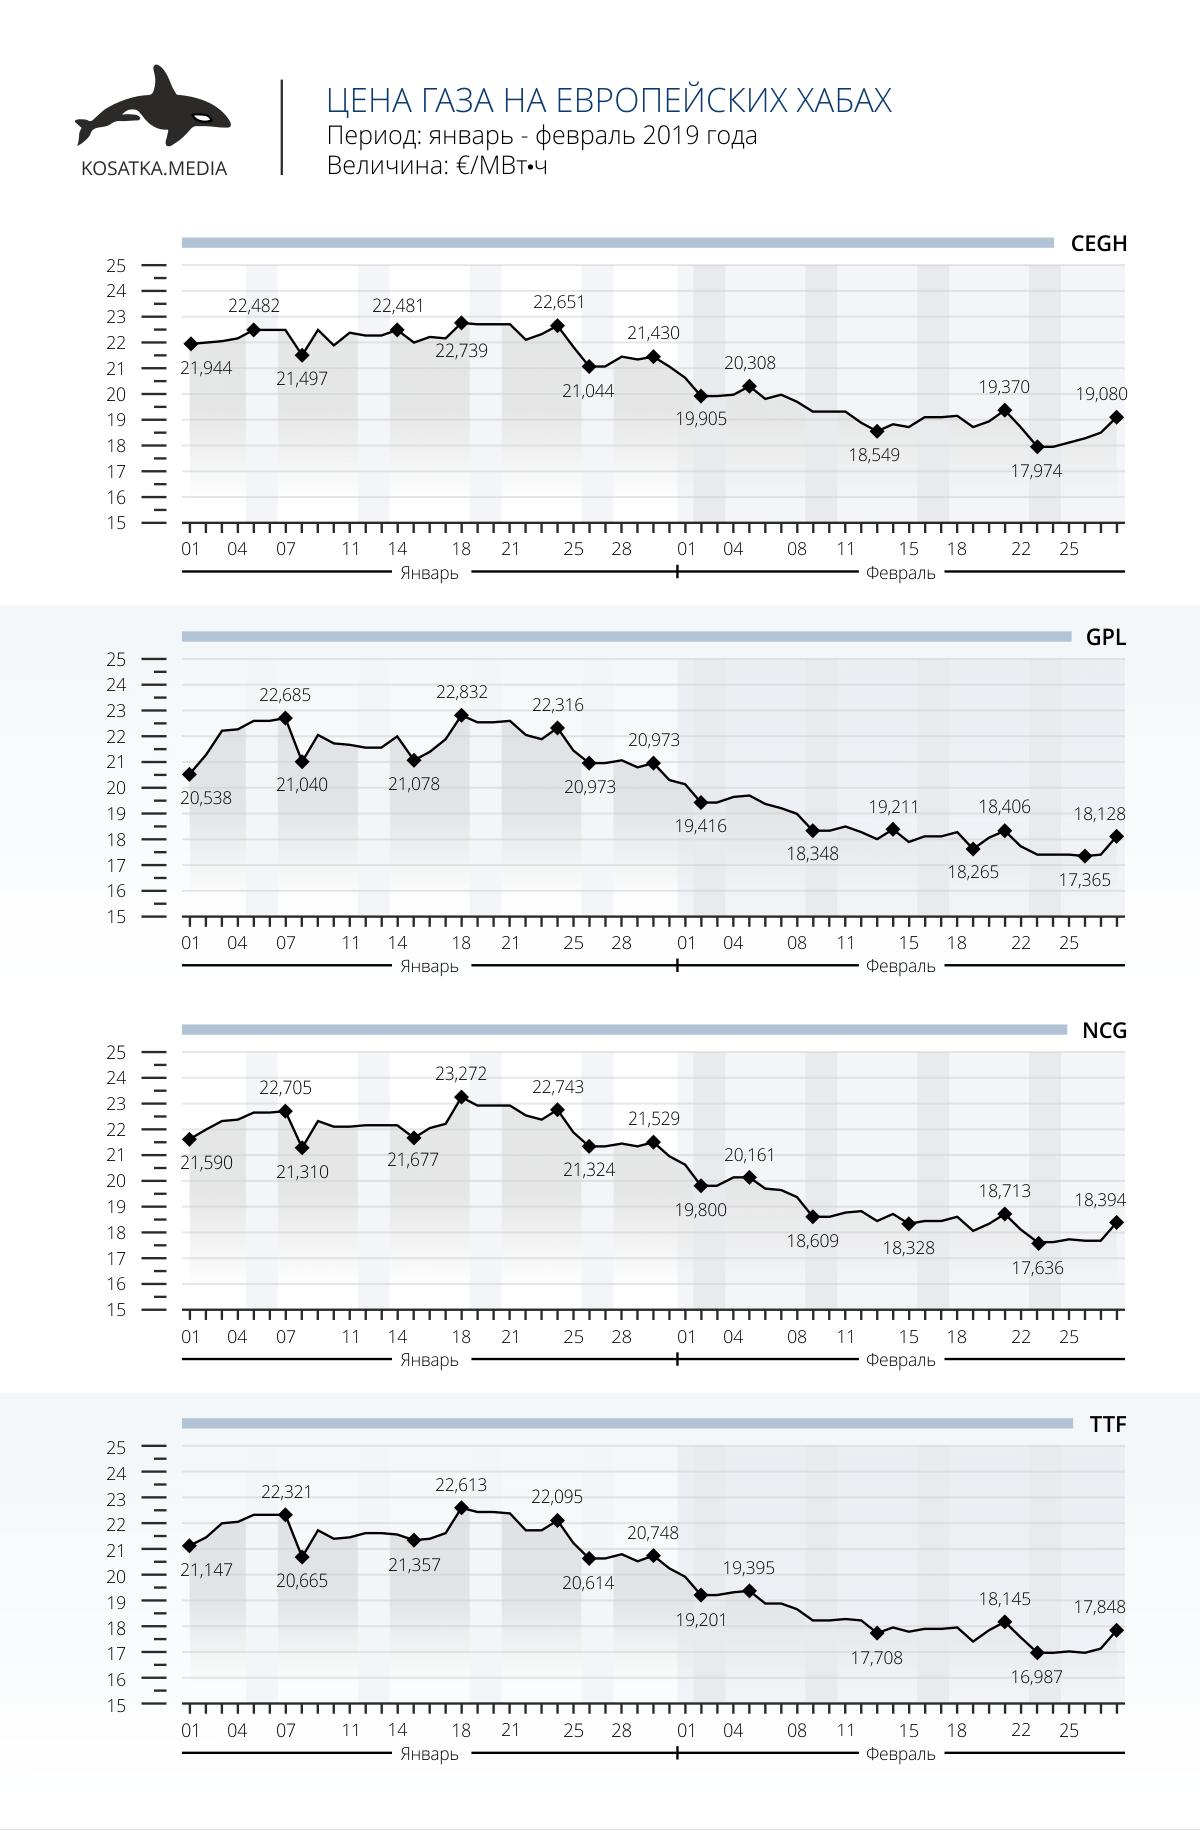 Цена газа на европейских хабах